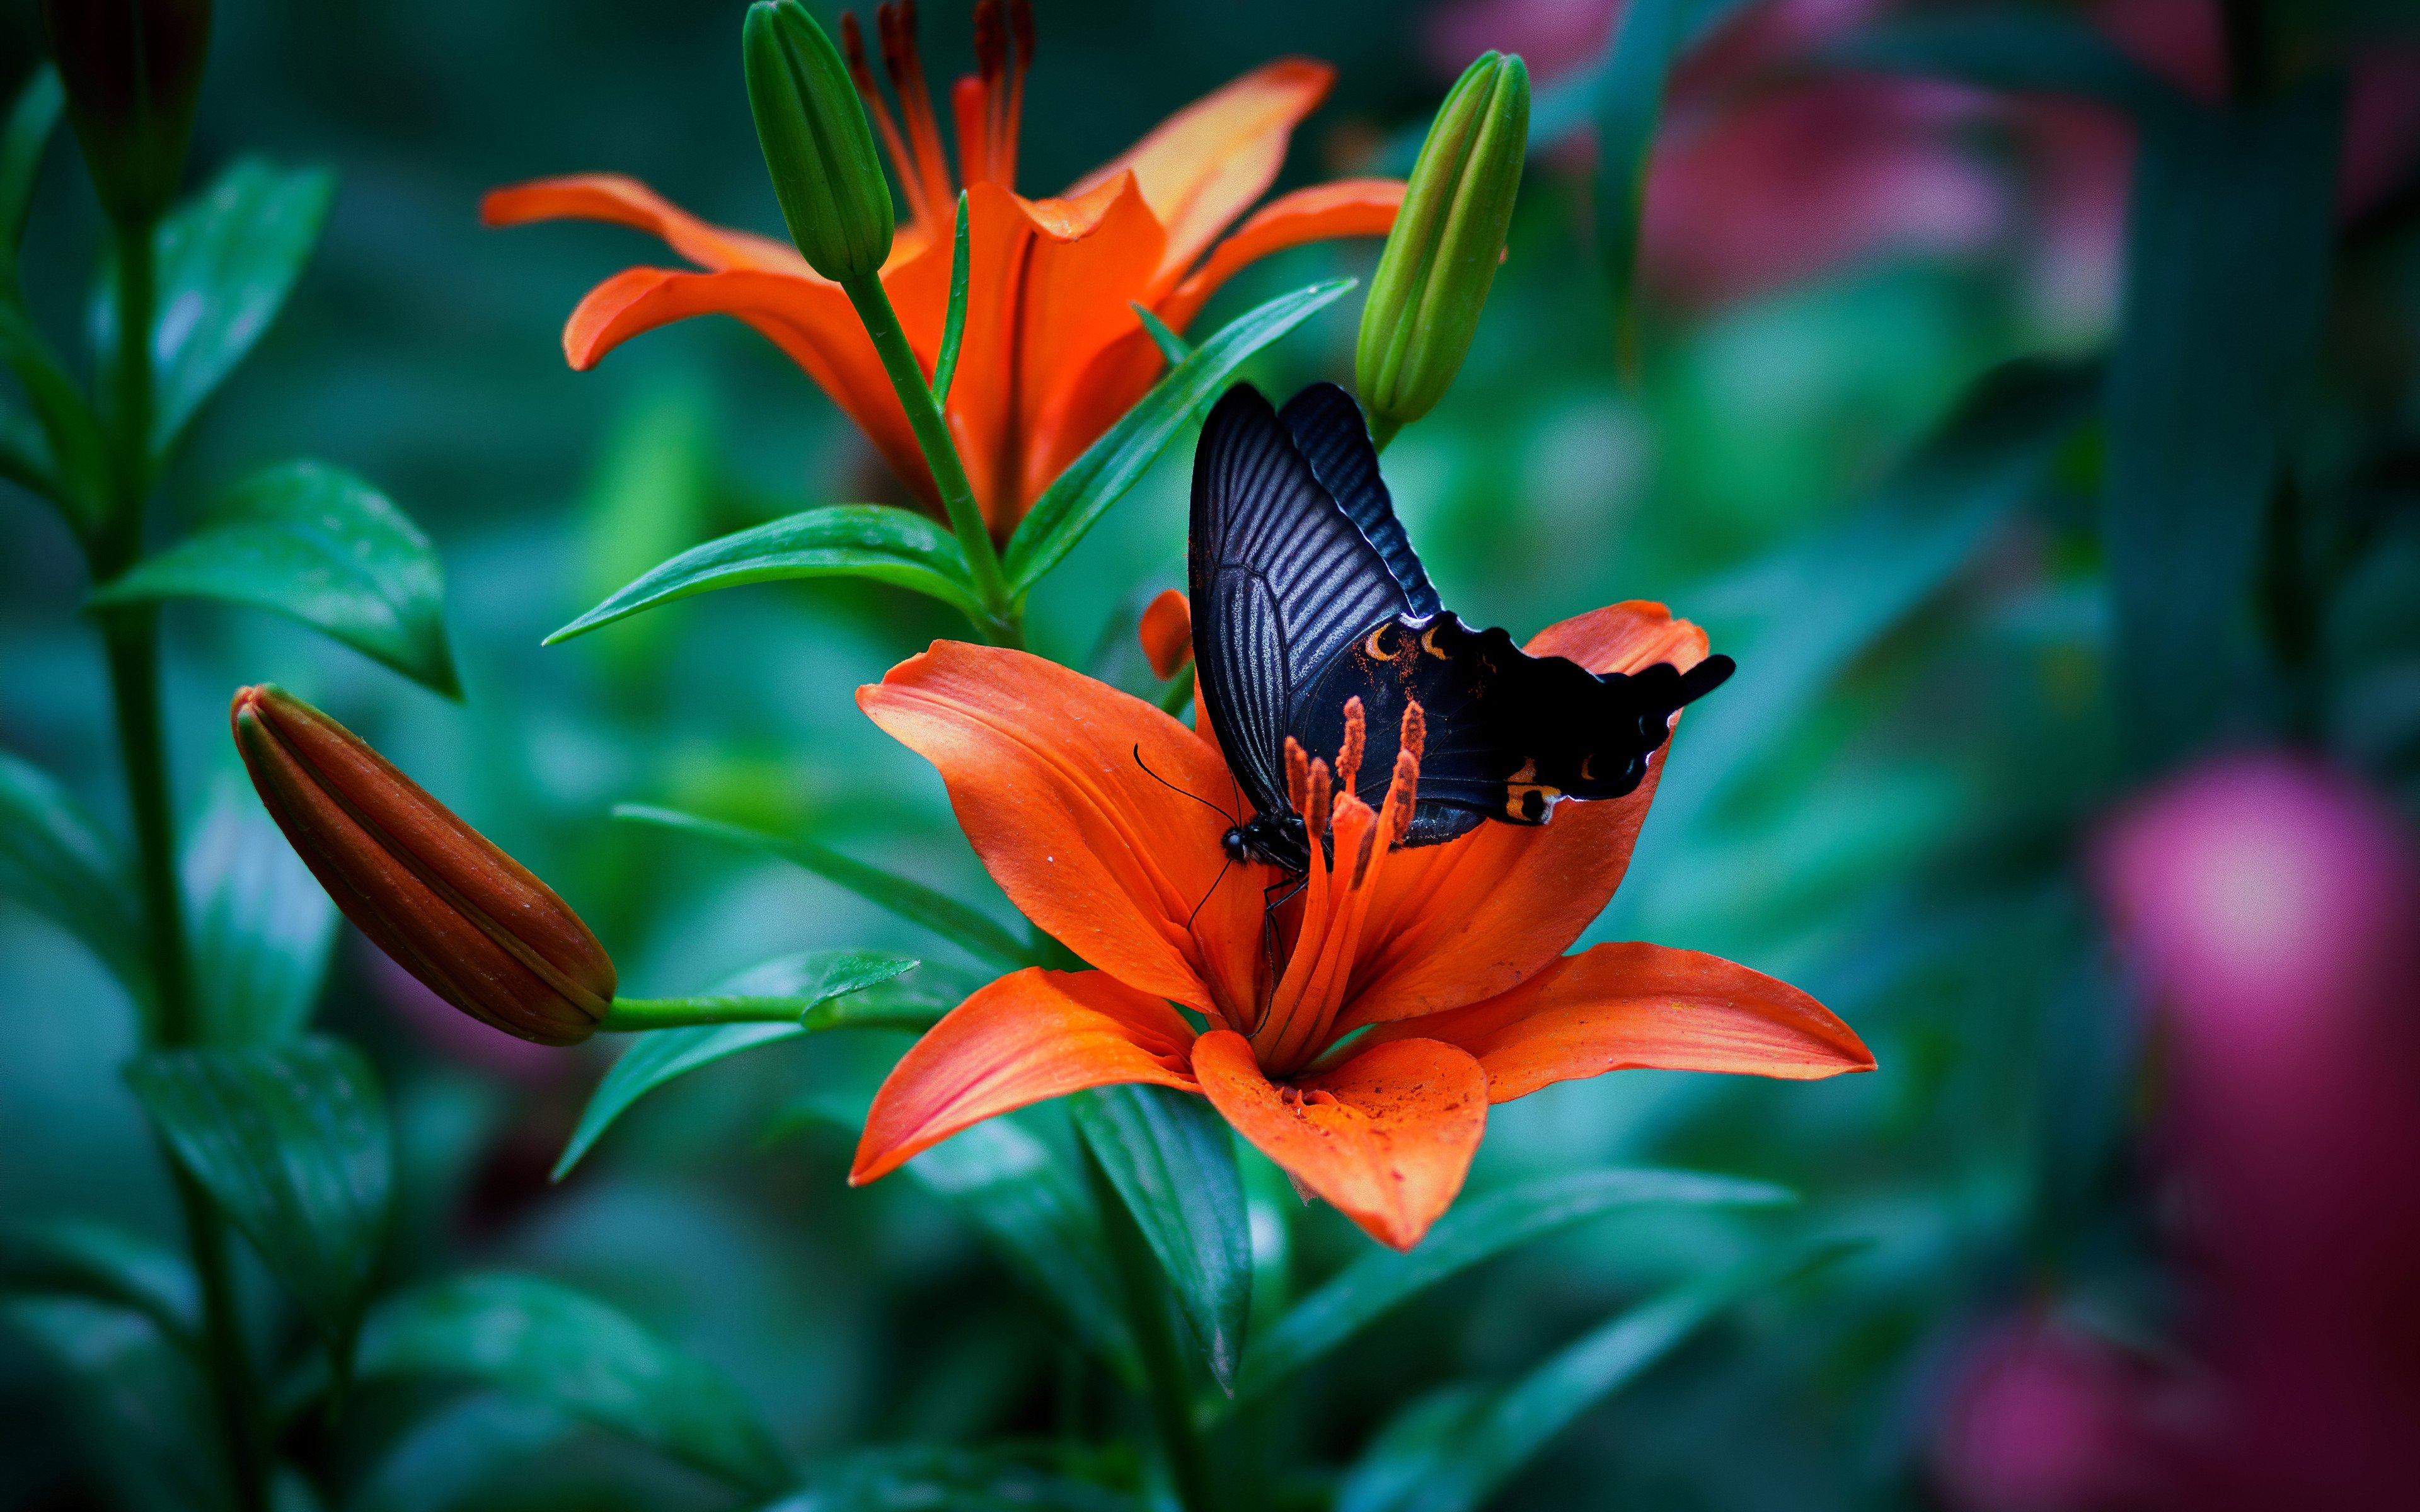 Wallpaper Butterfly in flower